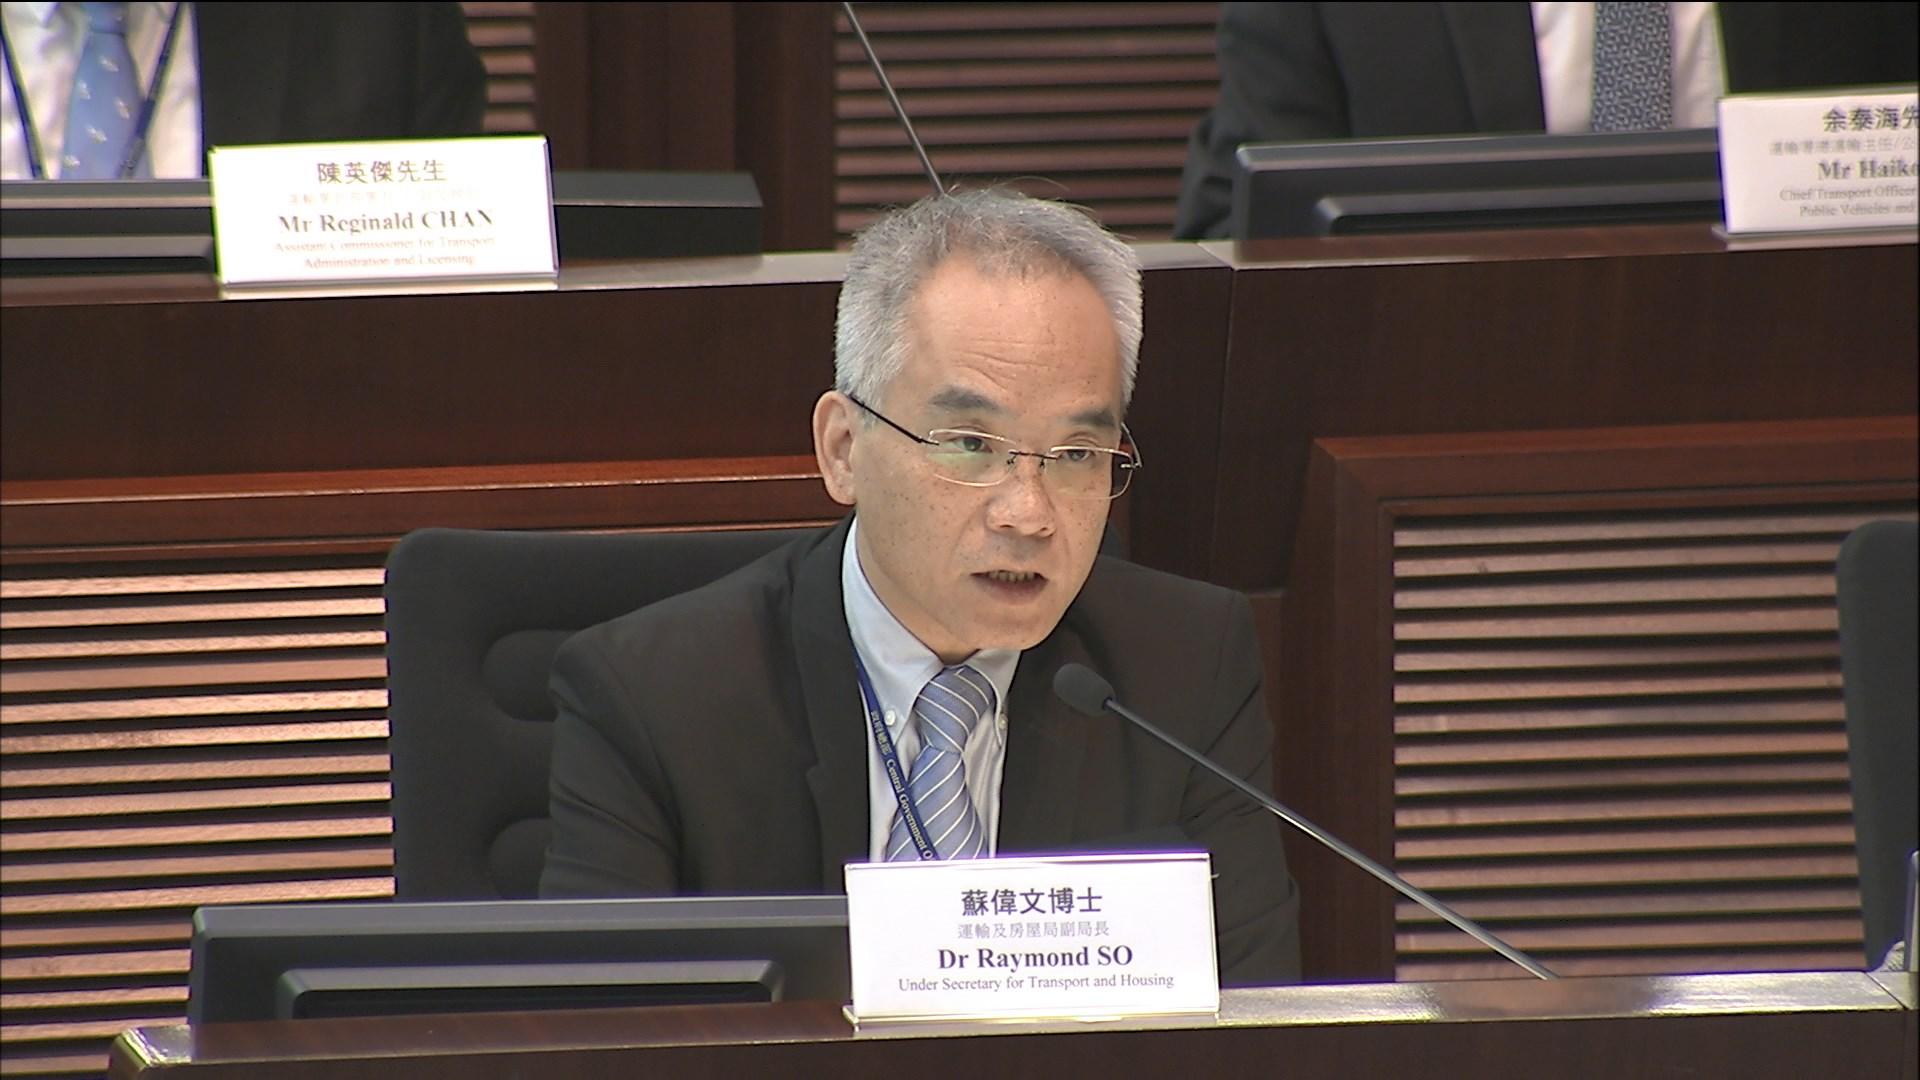 蘇偉文:歡迎科技應用但需守法